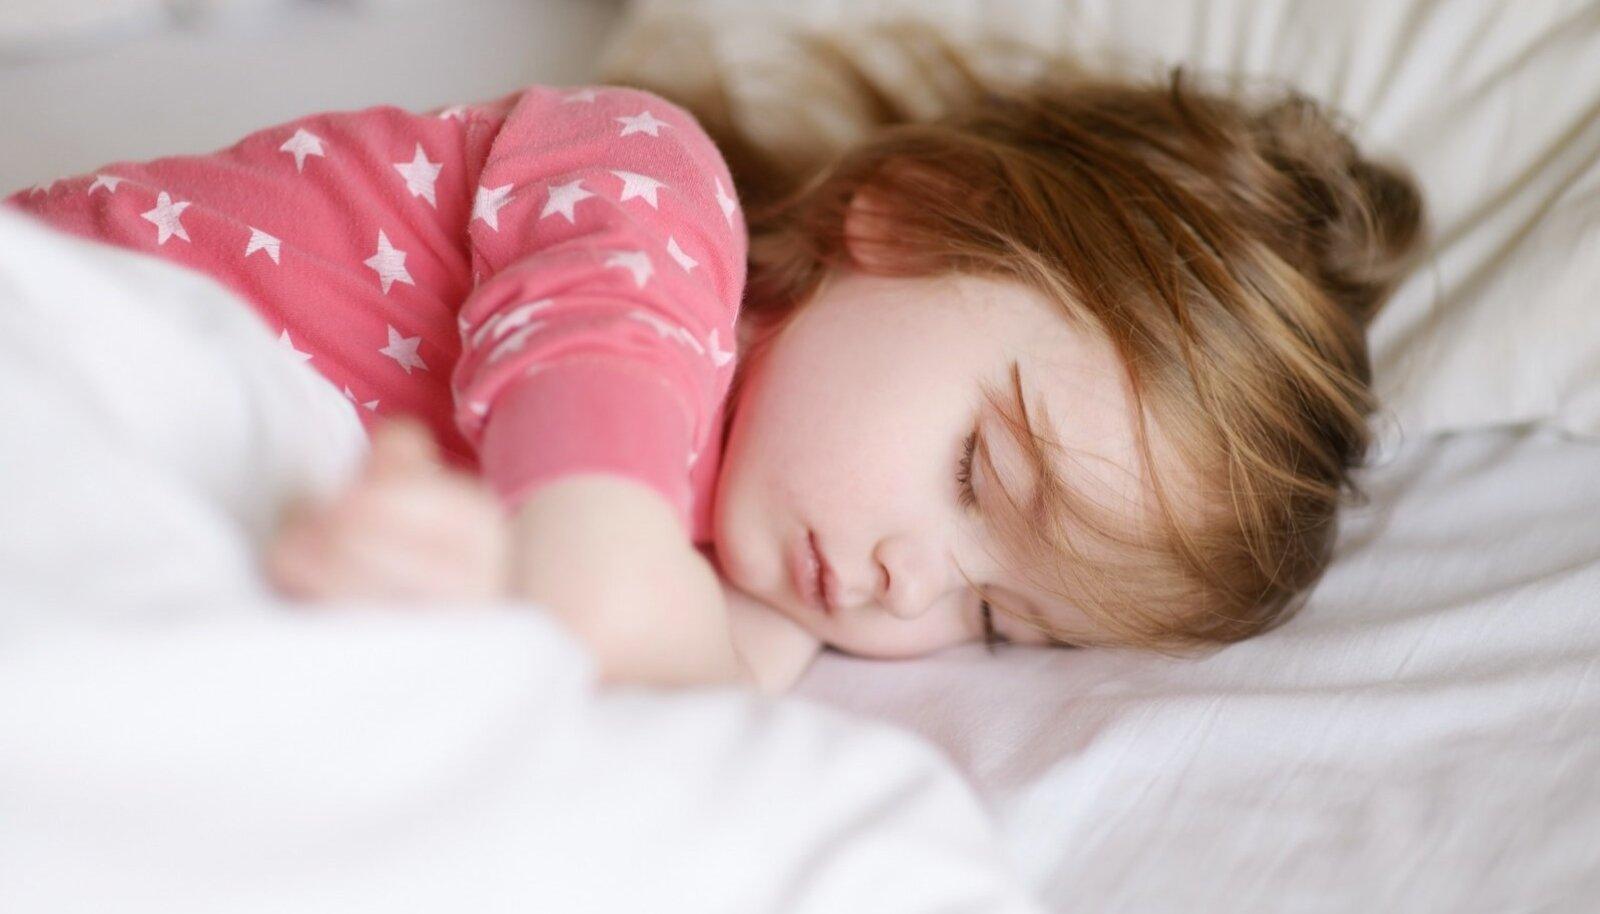 Unele on kindlasti pööratud liiga vähe tähelepanu ja ka näiteks perearstid võiksid tihemini küsida lapsevanematelt, kuidas nende laps magab.